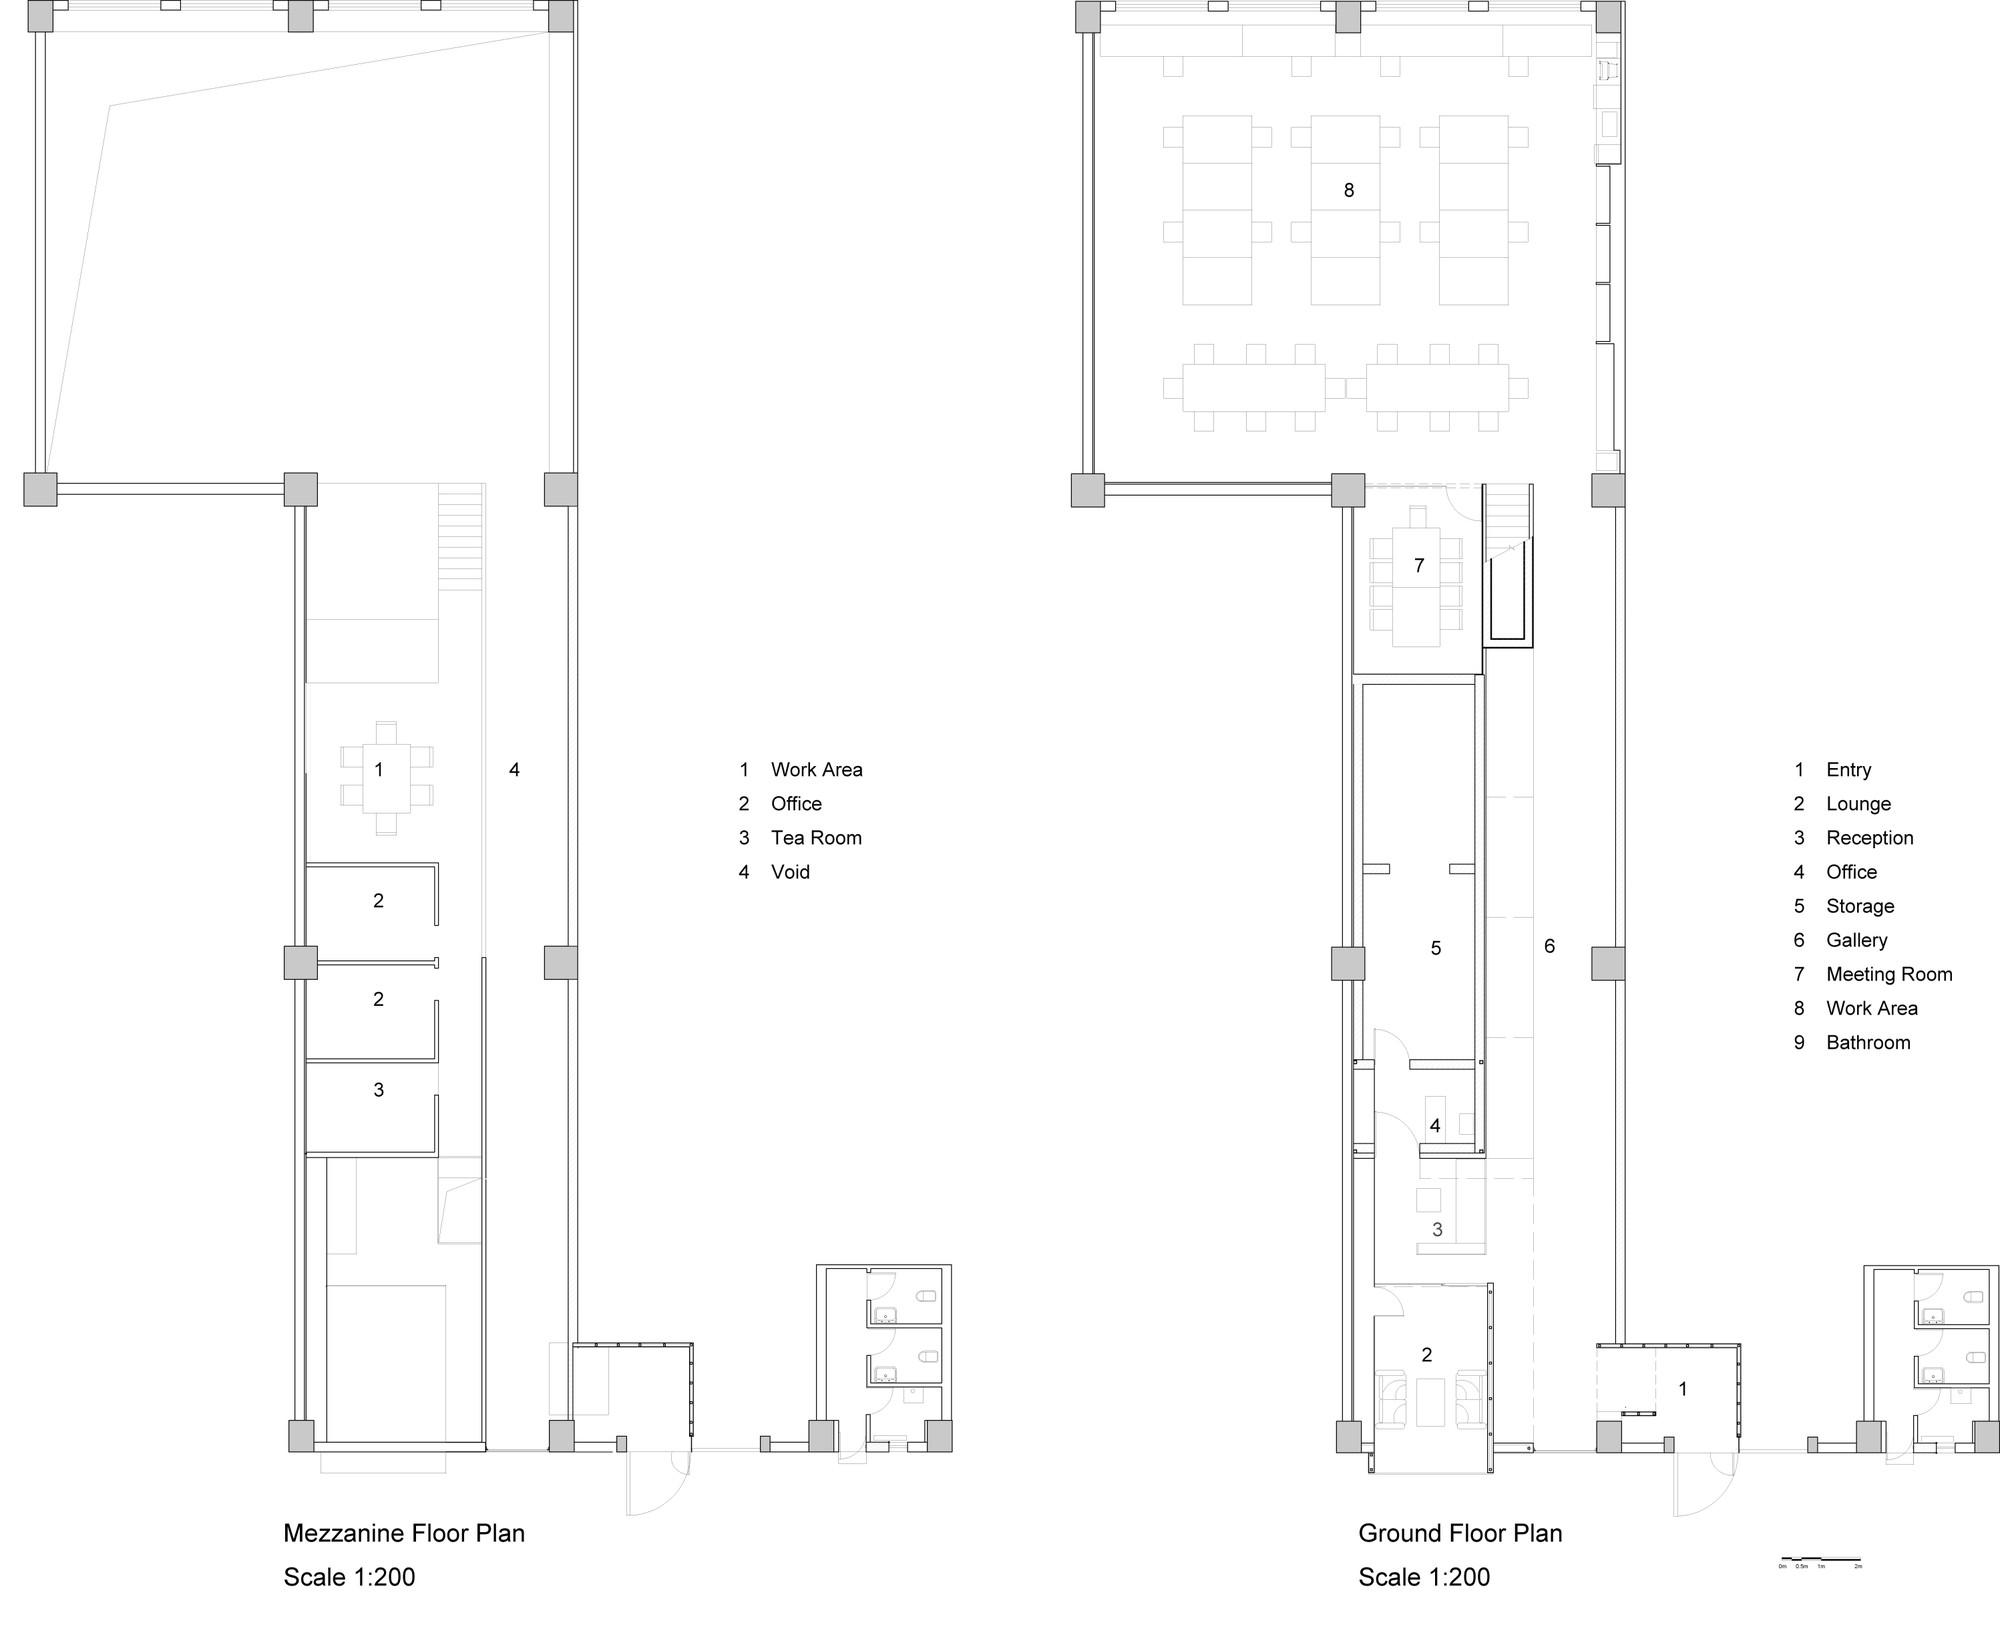 Warehouse Floor Plan Design: Warehouse Floor Plans With Elevations